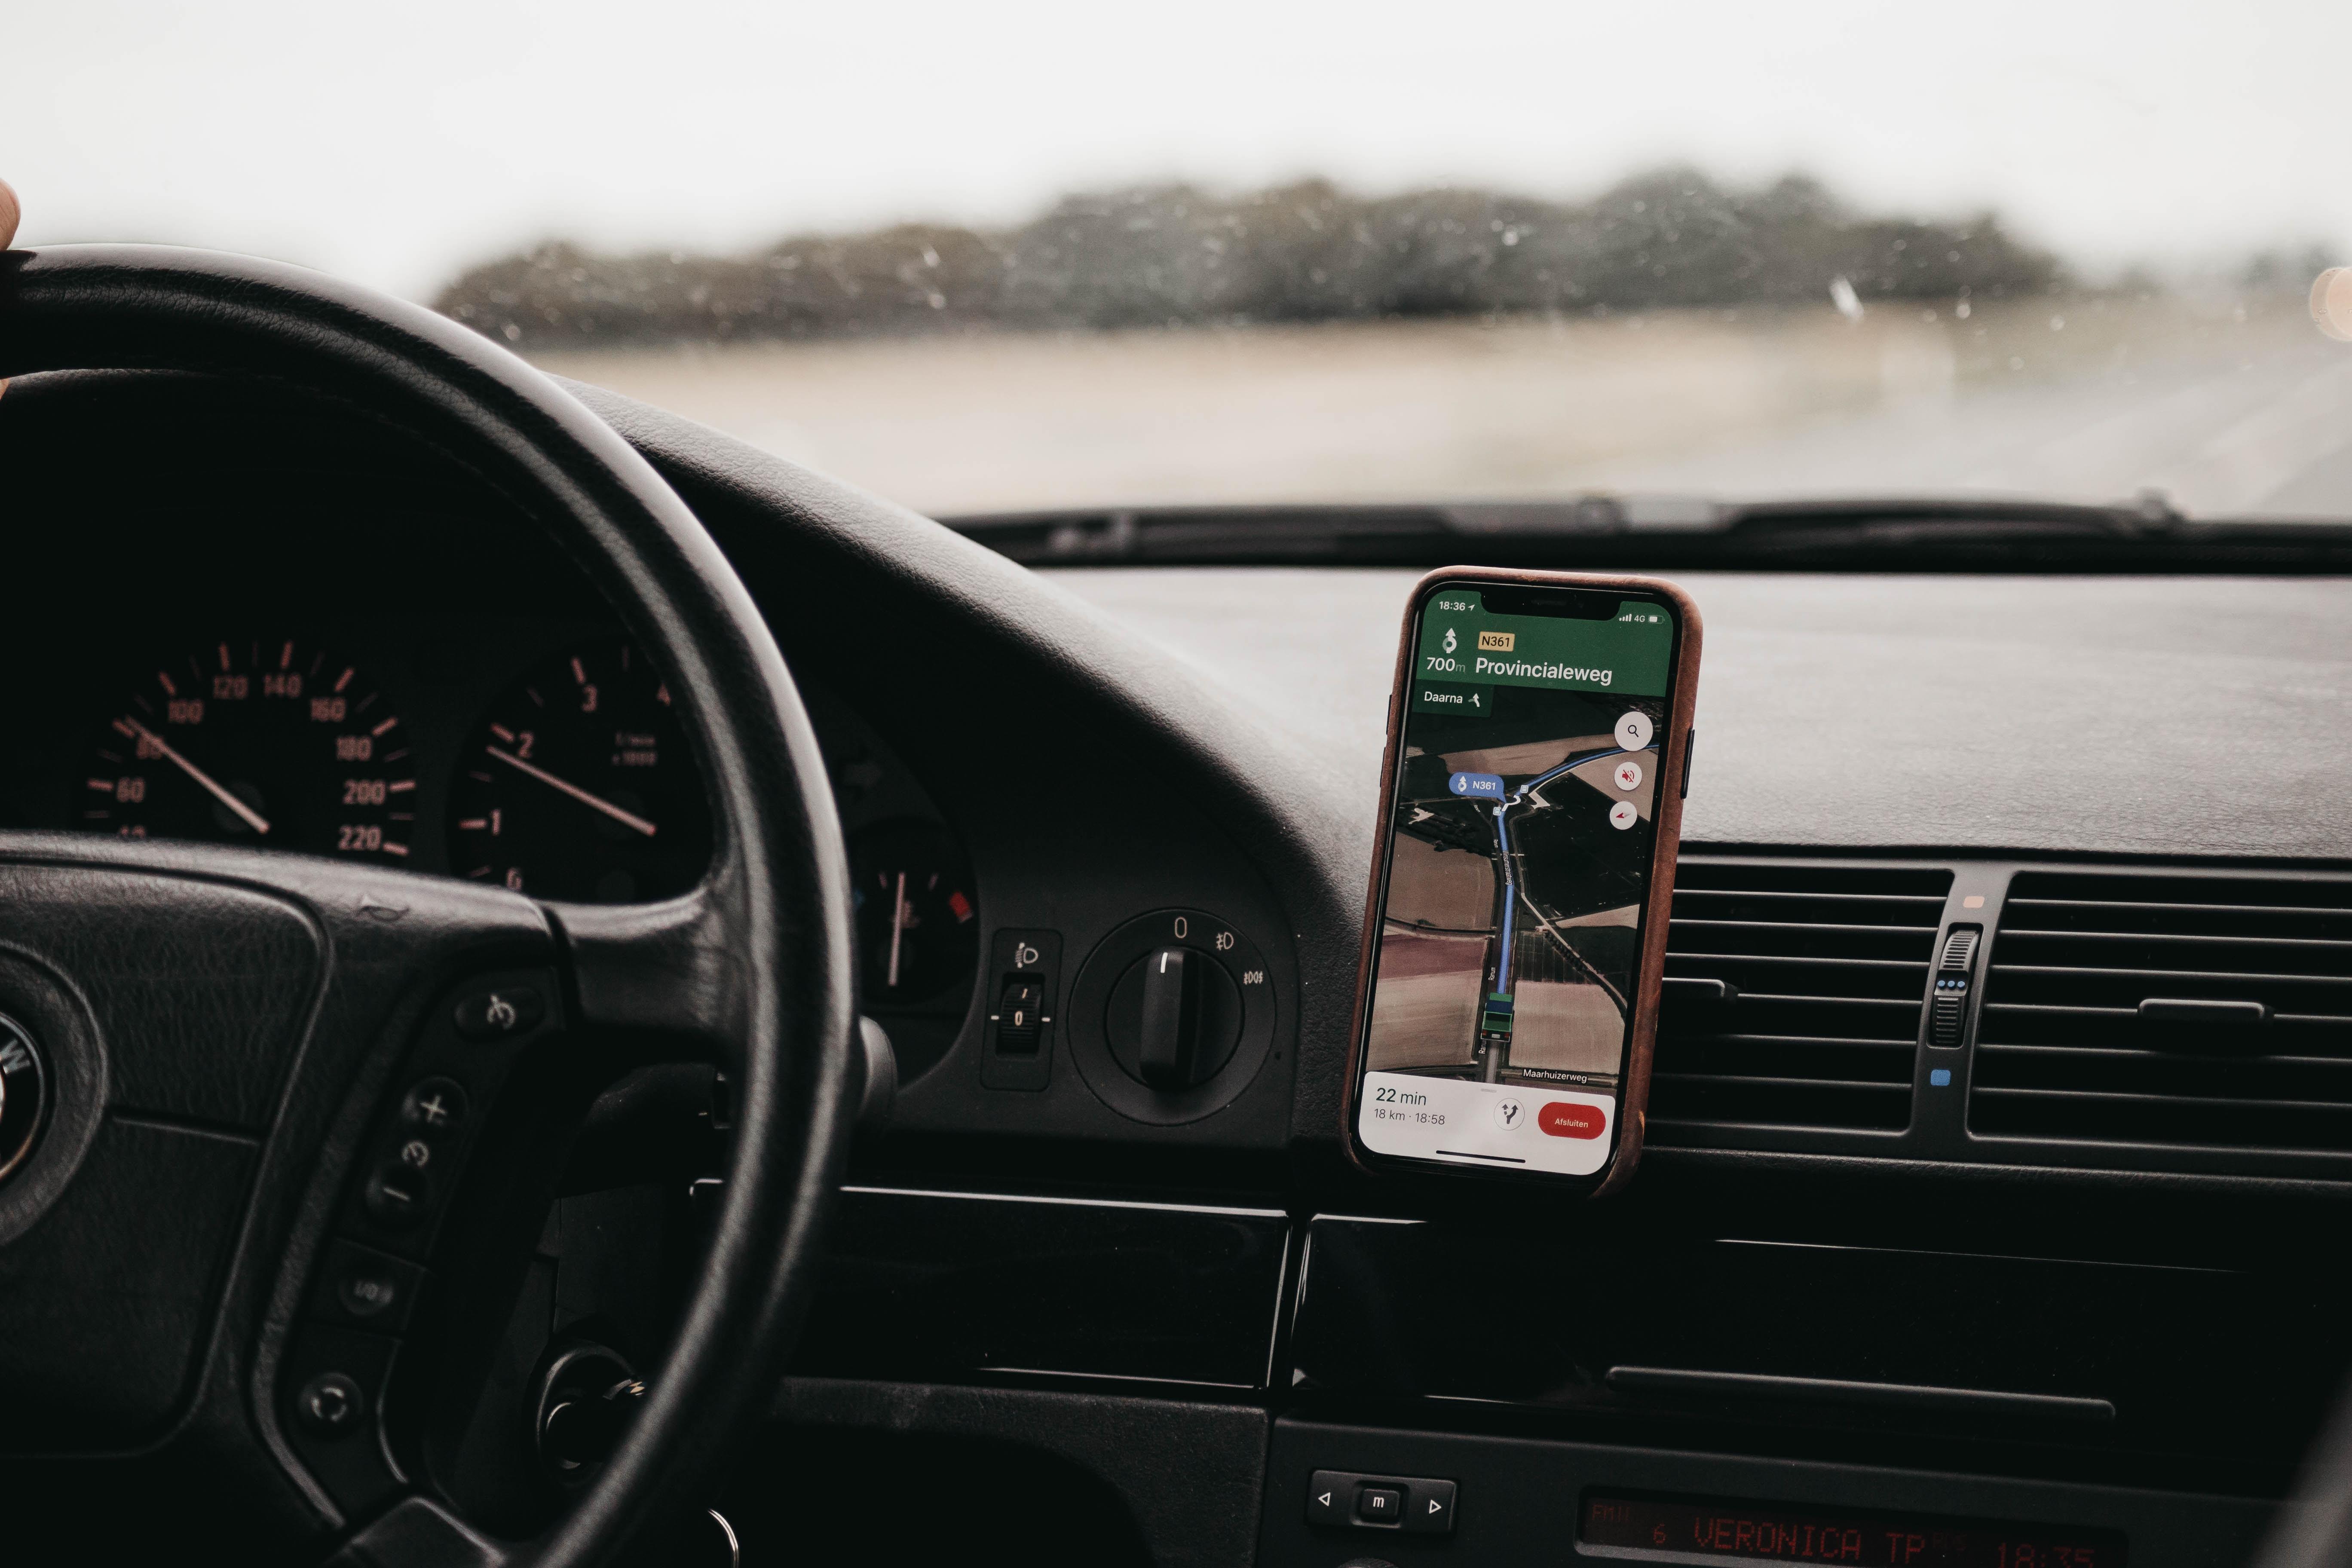 Navigation in Uber app